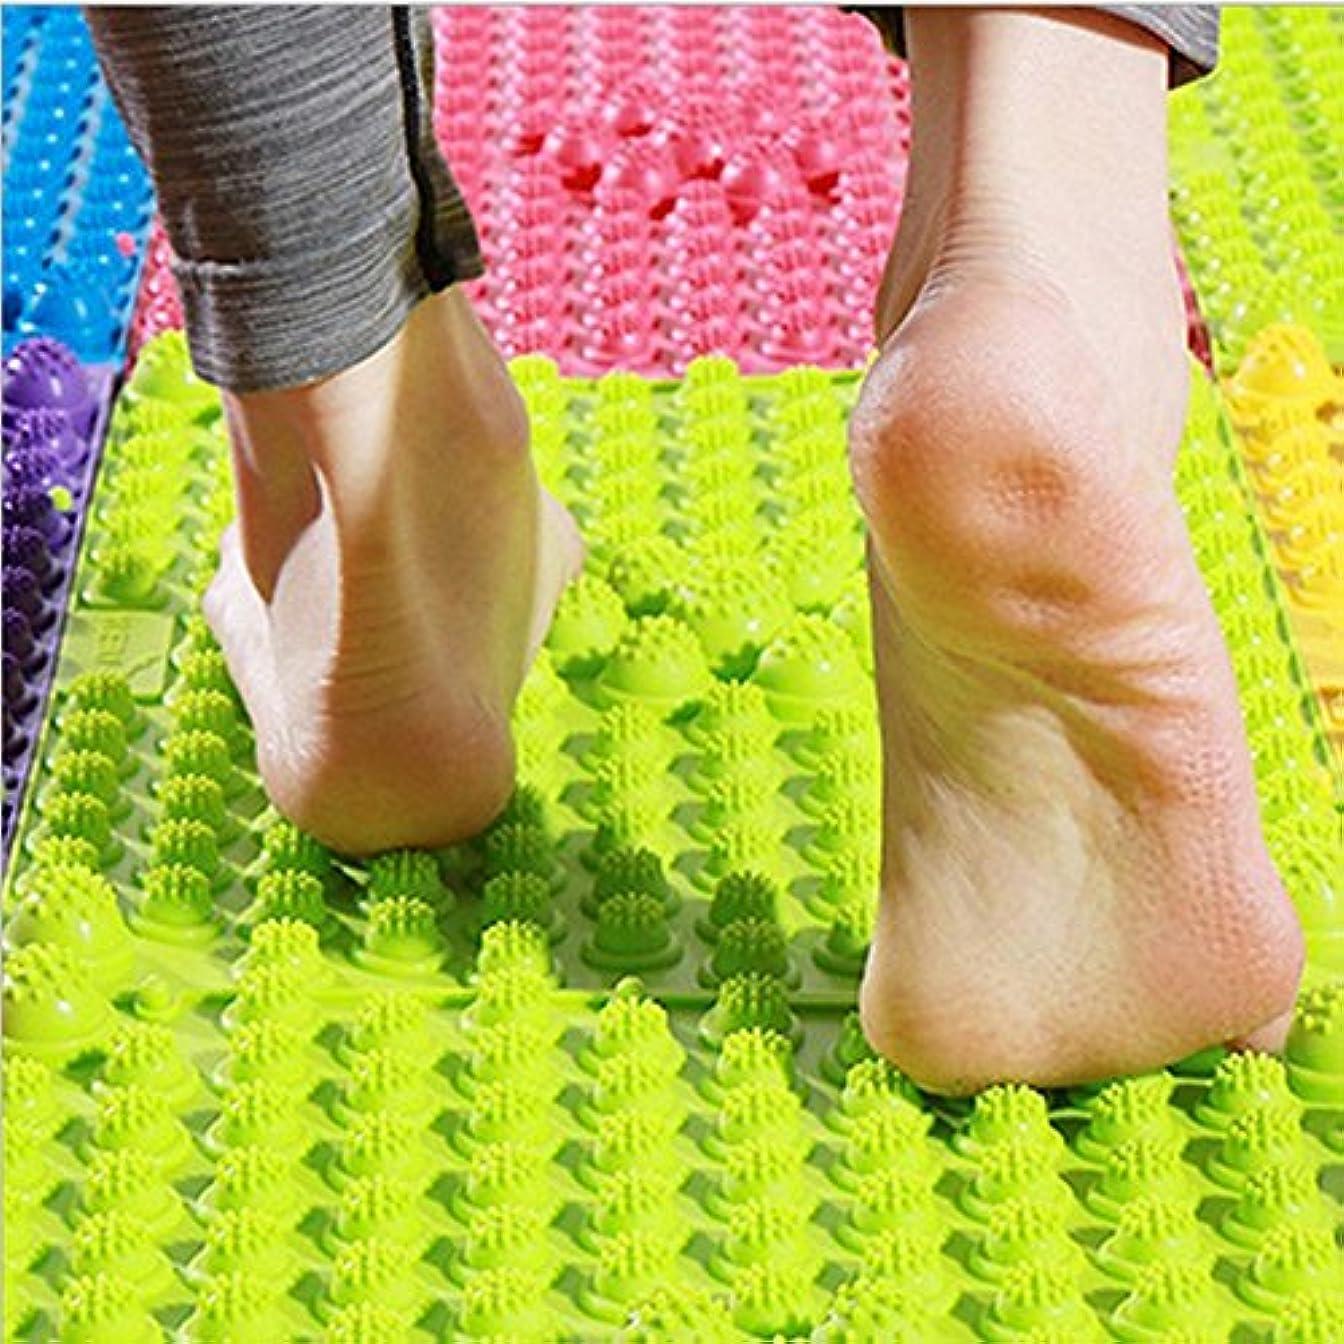 スクラップファッション闇2 PCS足マッサージマット、鍼治療指圧循環リフレクソロジー足の痛みの緩和と筋肉のリラクゼーション(ランダムカラー)のためのバスルームバスマット